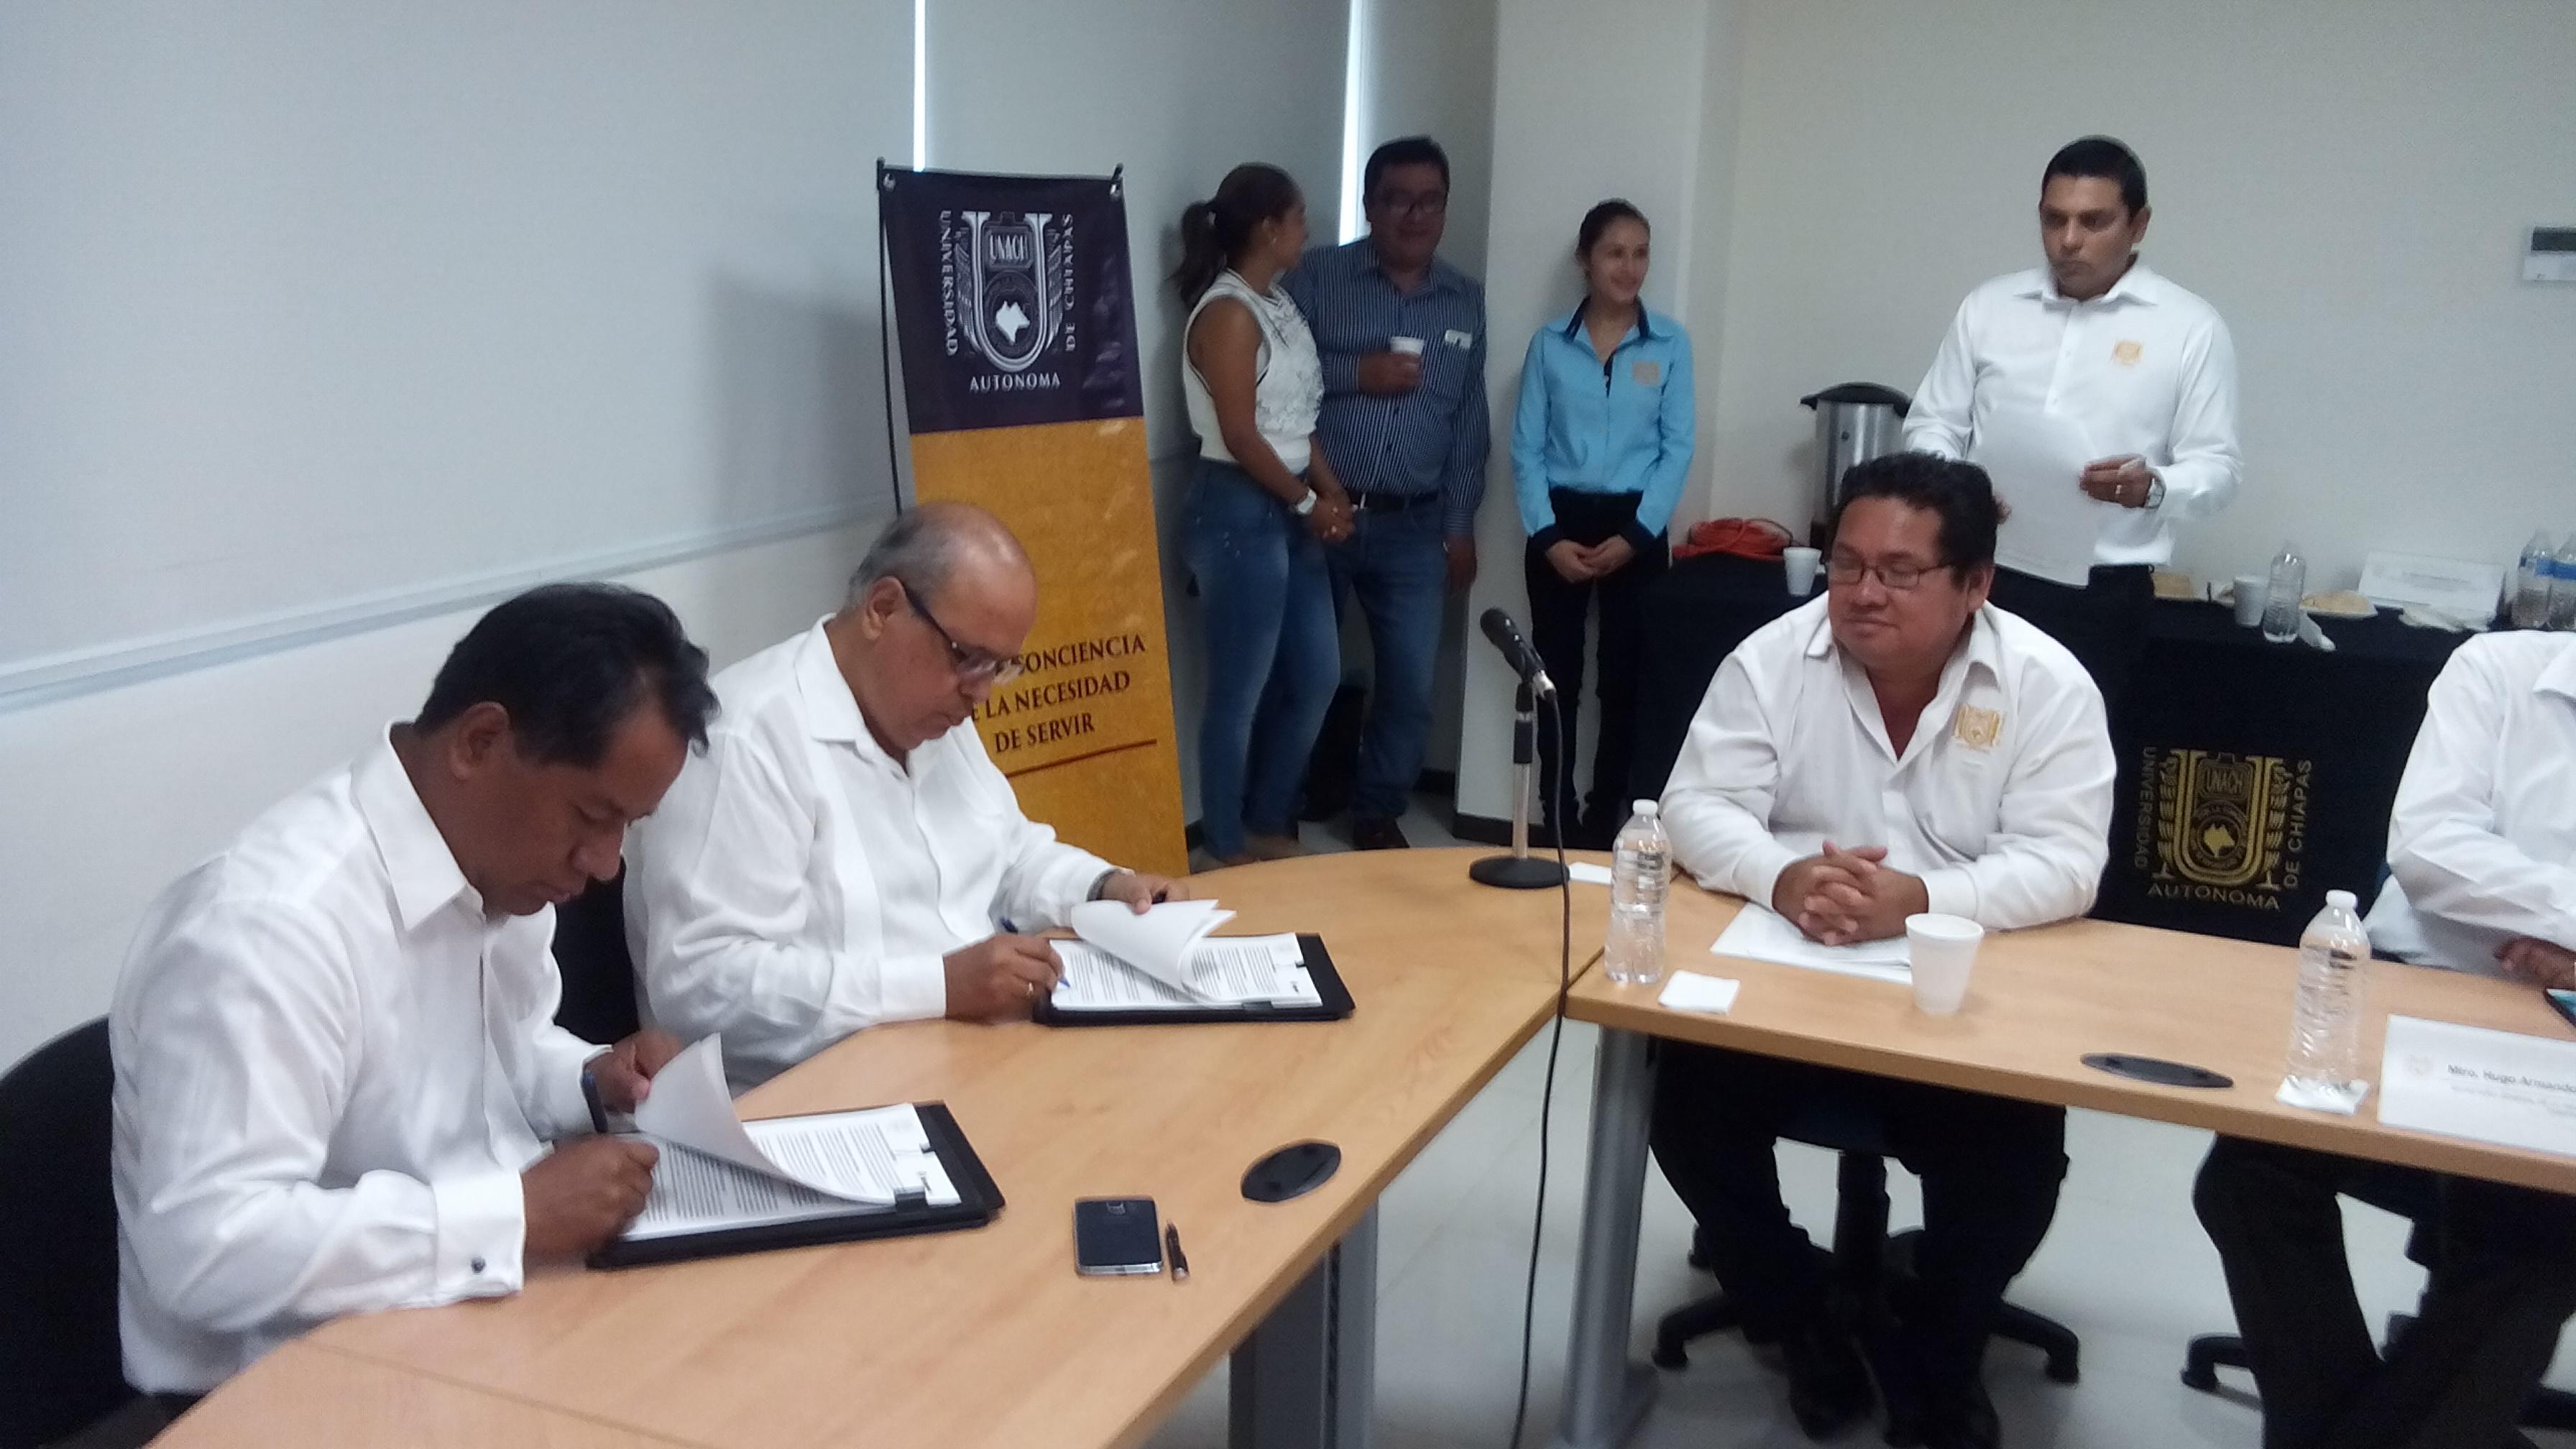 Firma convenio de colaboración entre la Universidad Autónoma de Chiapas y la Empresa Chiapaneca Rotoinnovación